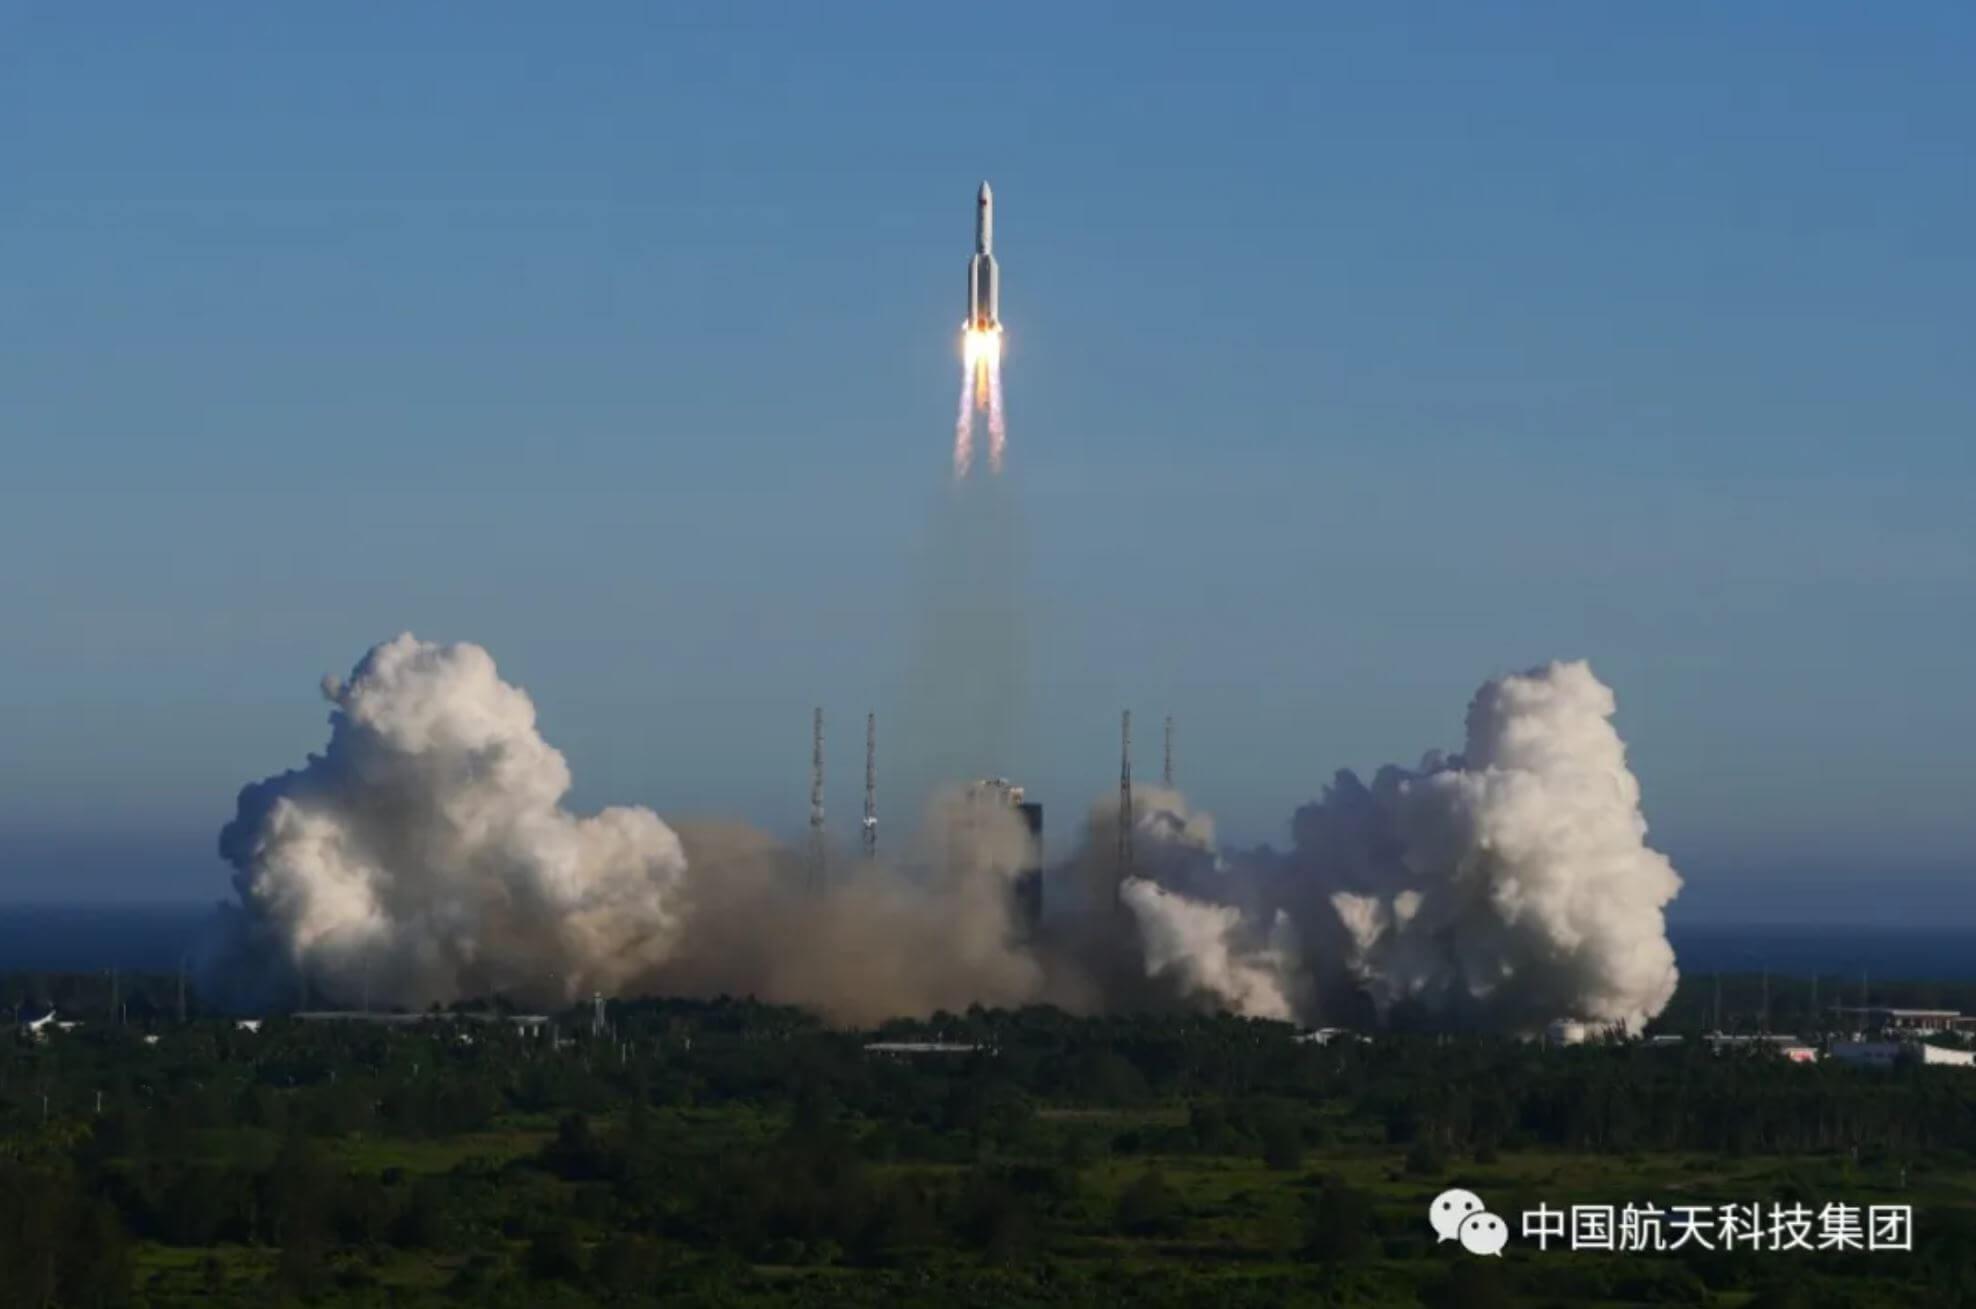 МКС больше не нужна? Китай готов к запуску своей космической станции